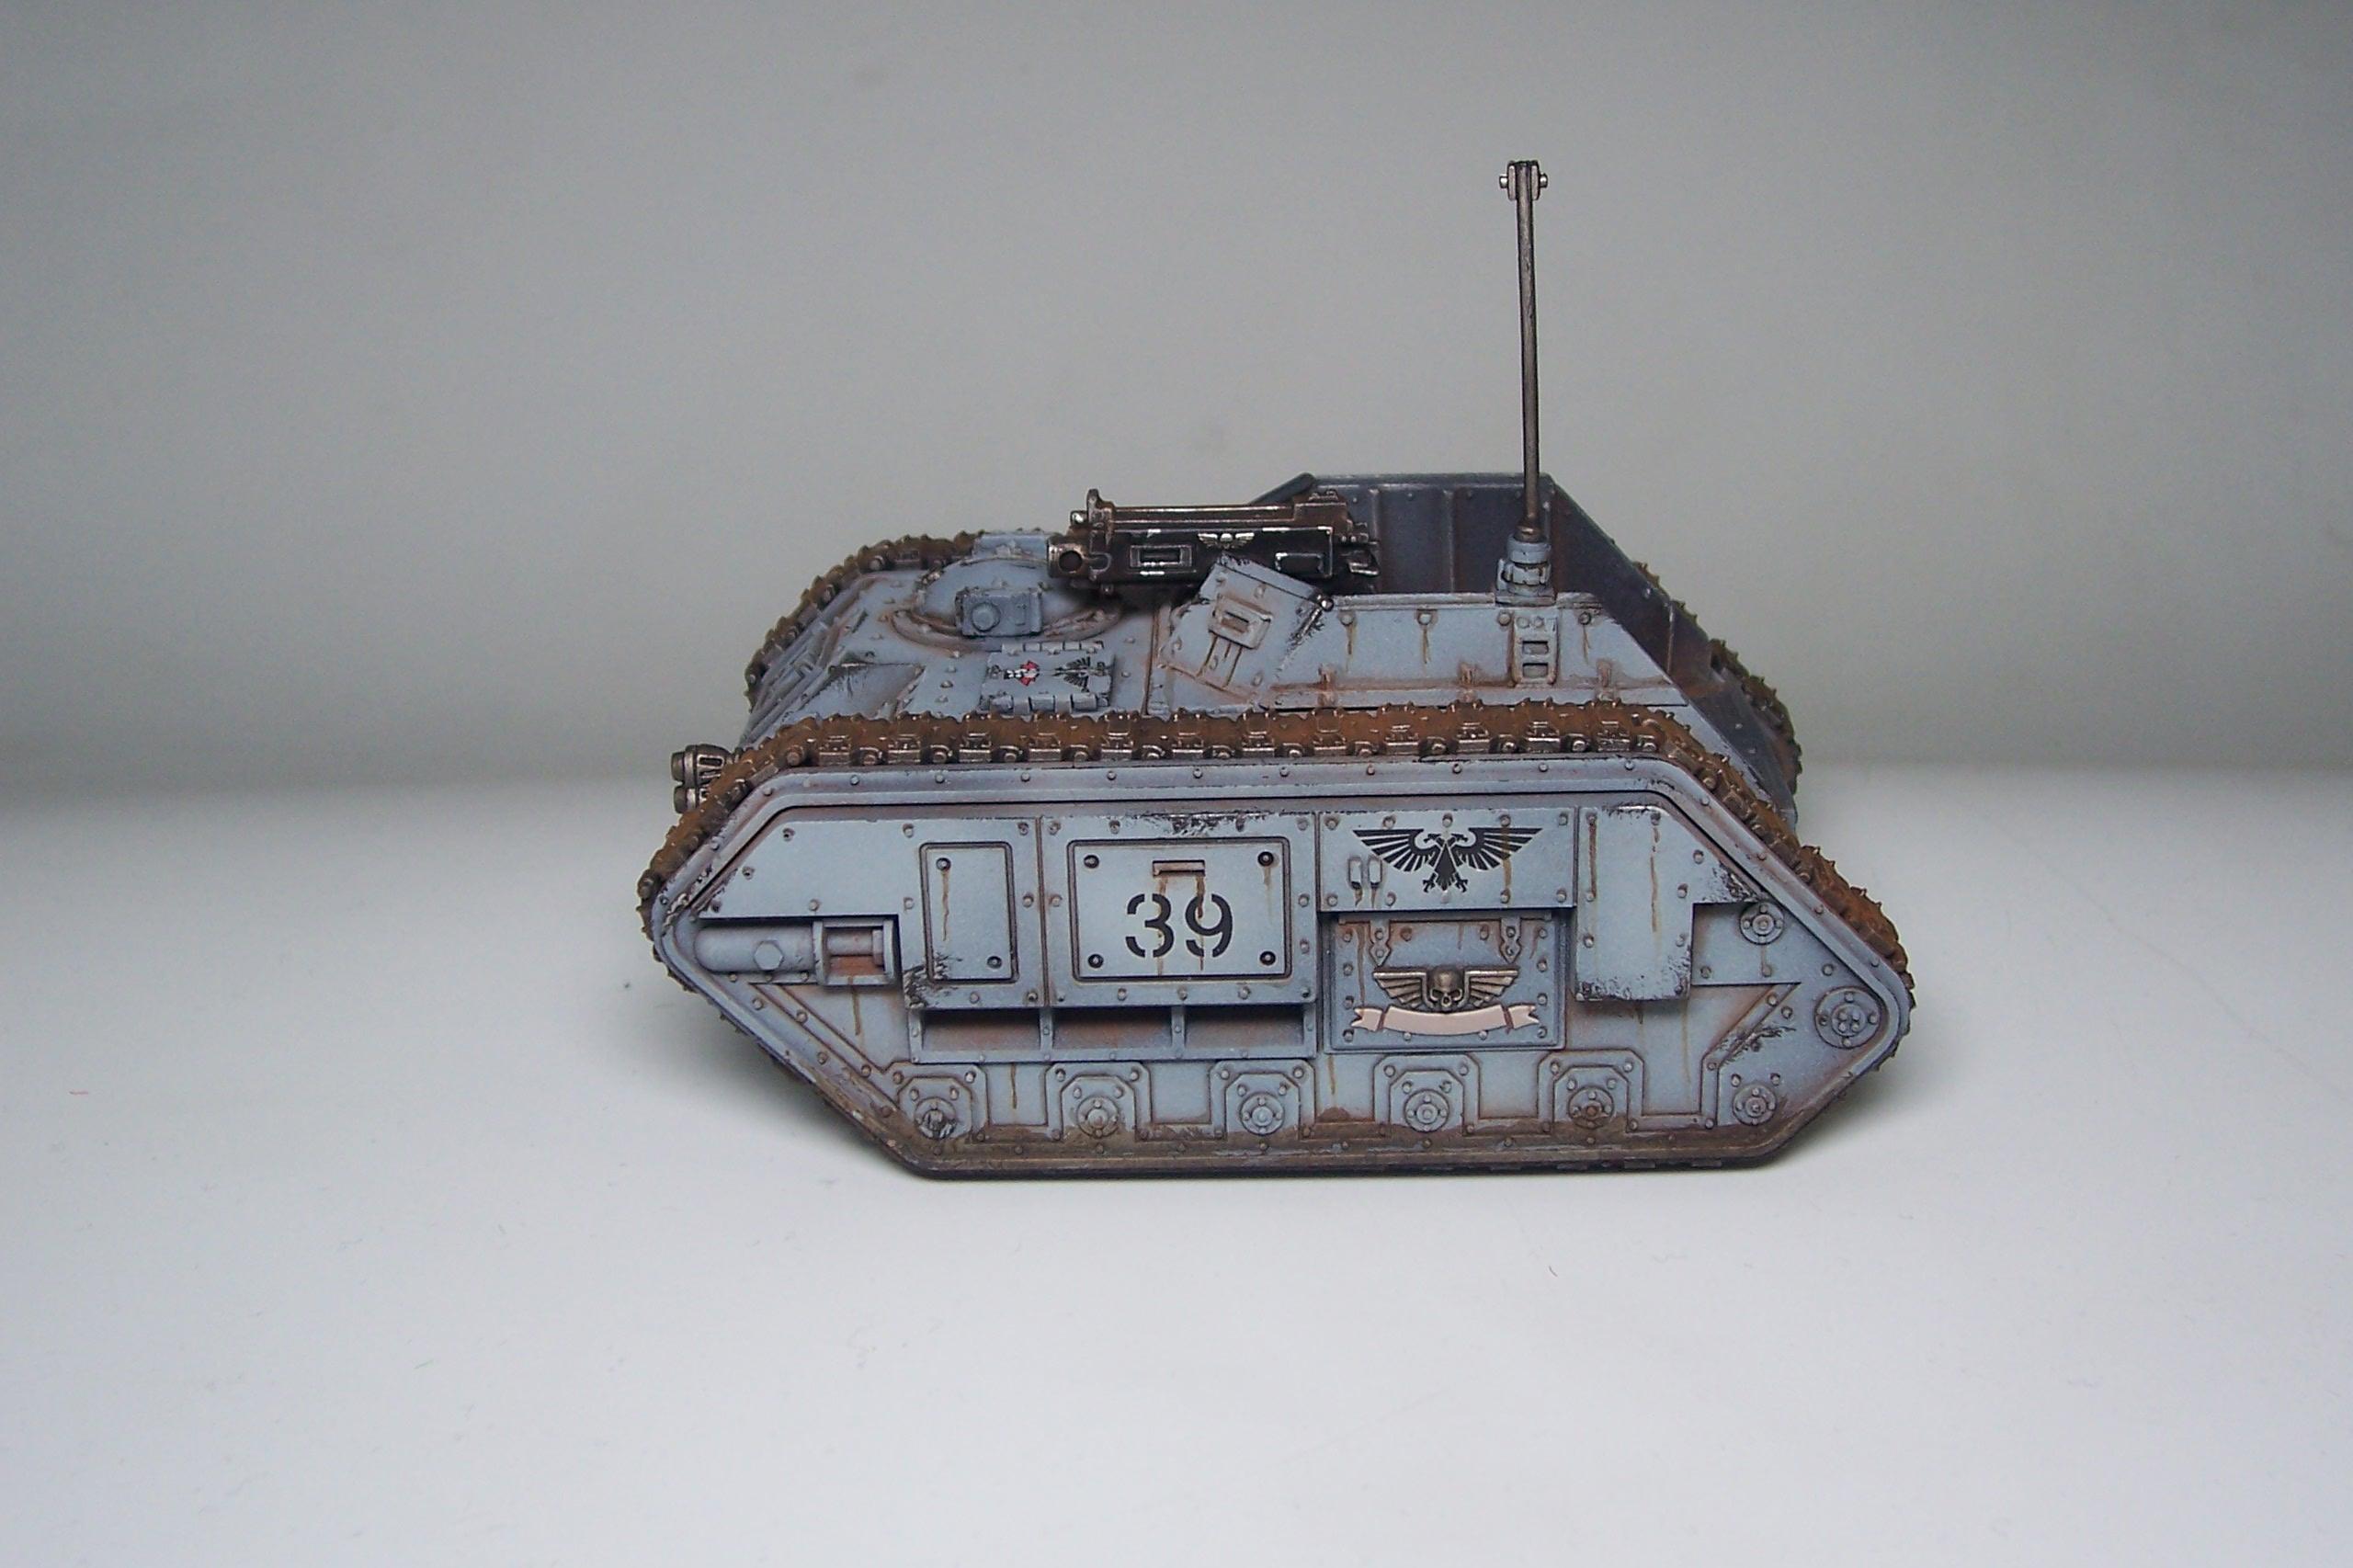 Platoon Commad Salamander 2